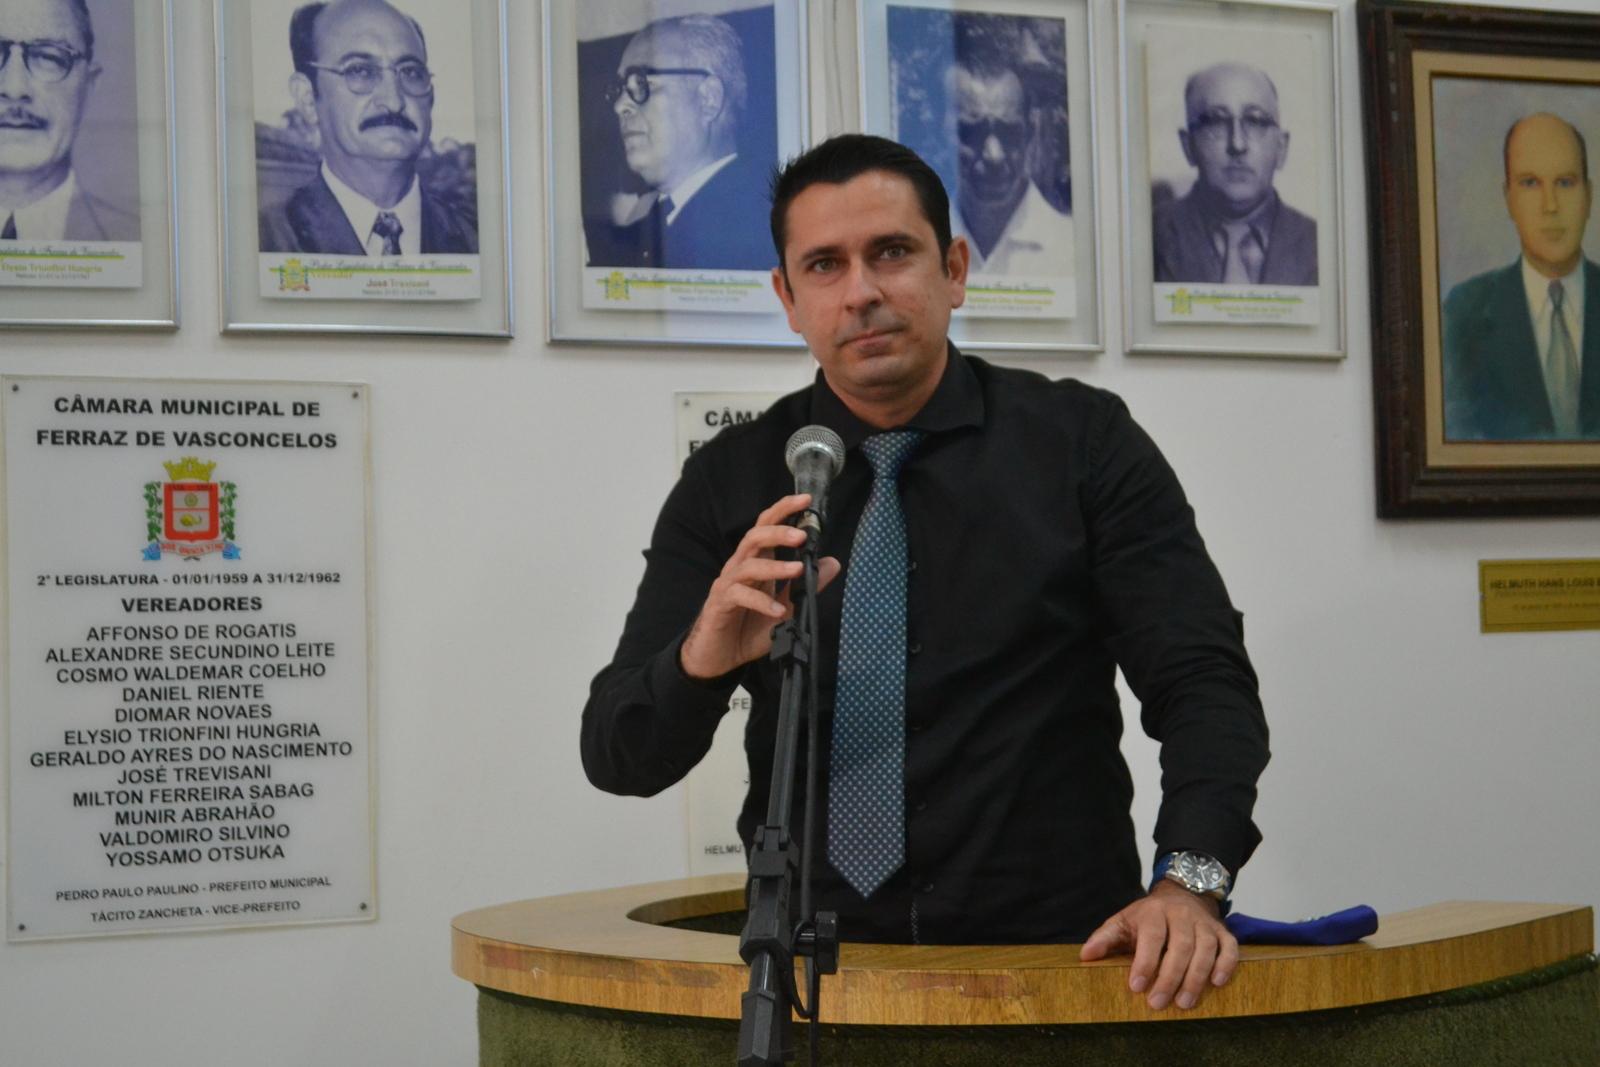 Diretor Everton quer transportadores escolares isentos de impostos e taxas municipais